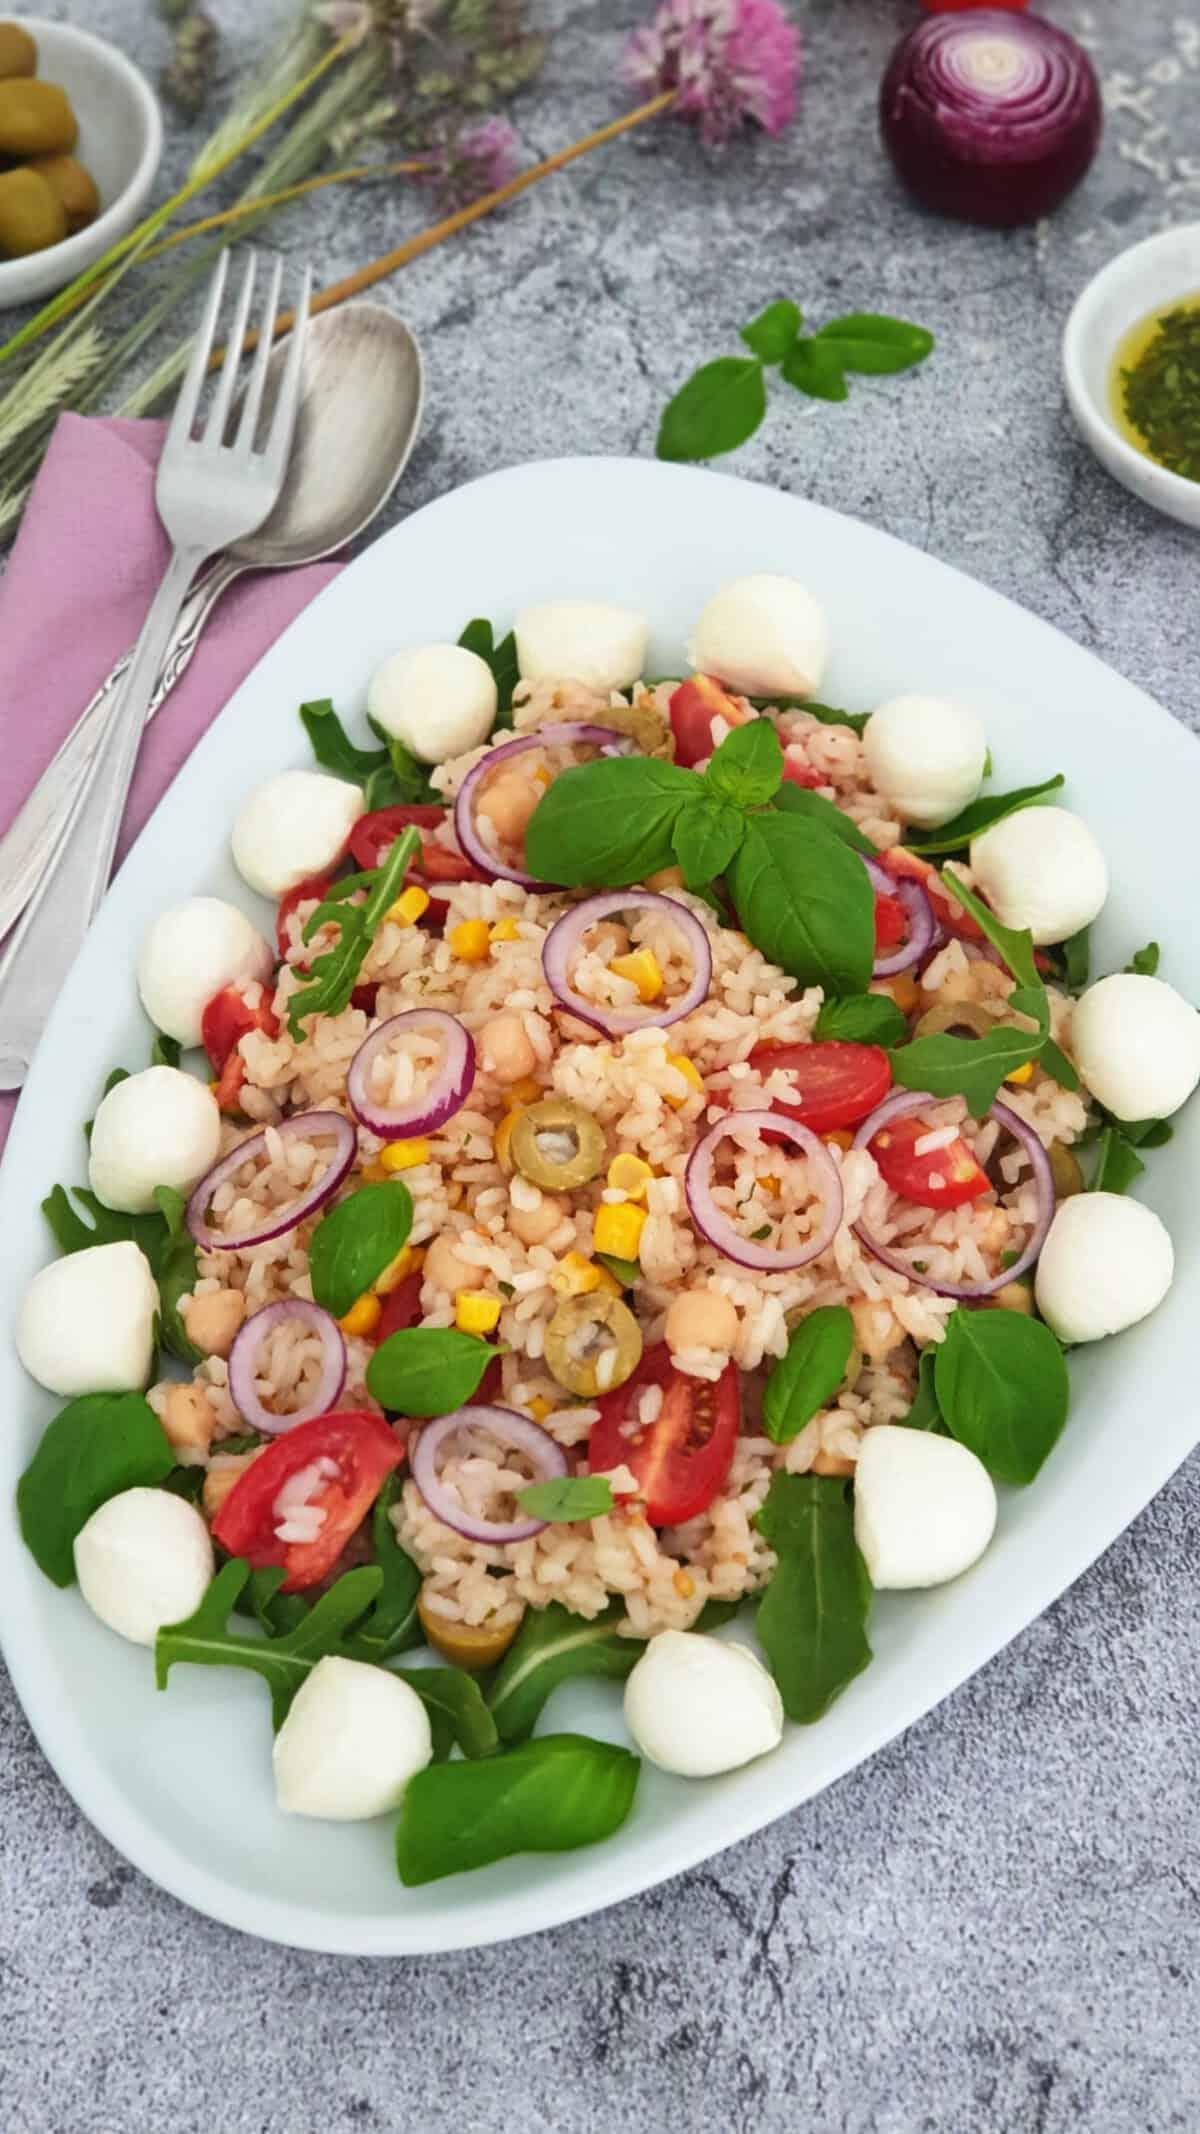 Auf einer weißen Platte angerichtet ein Italienischer Reis-Salat mit Mozzarella und Rucola. Im Hintergrund Deko.